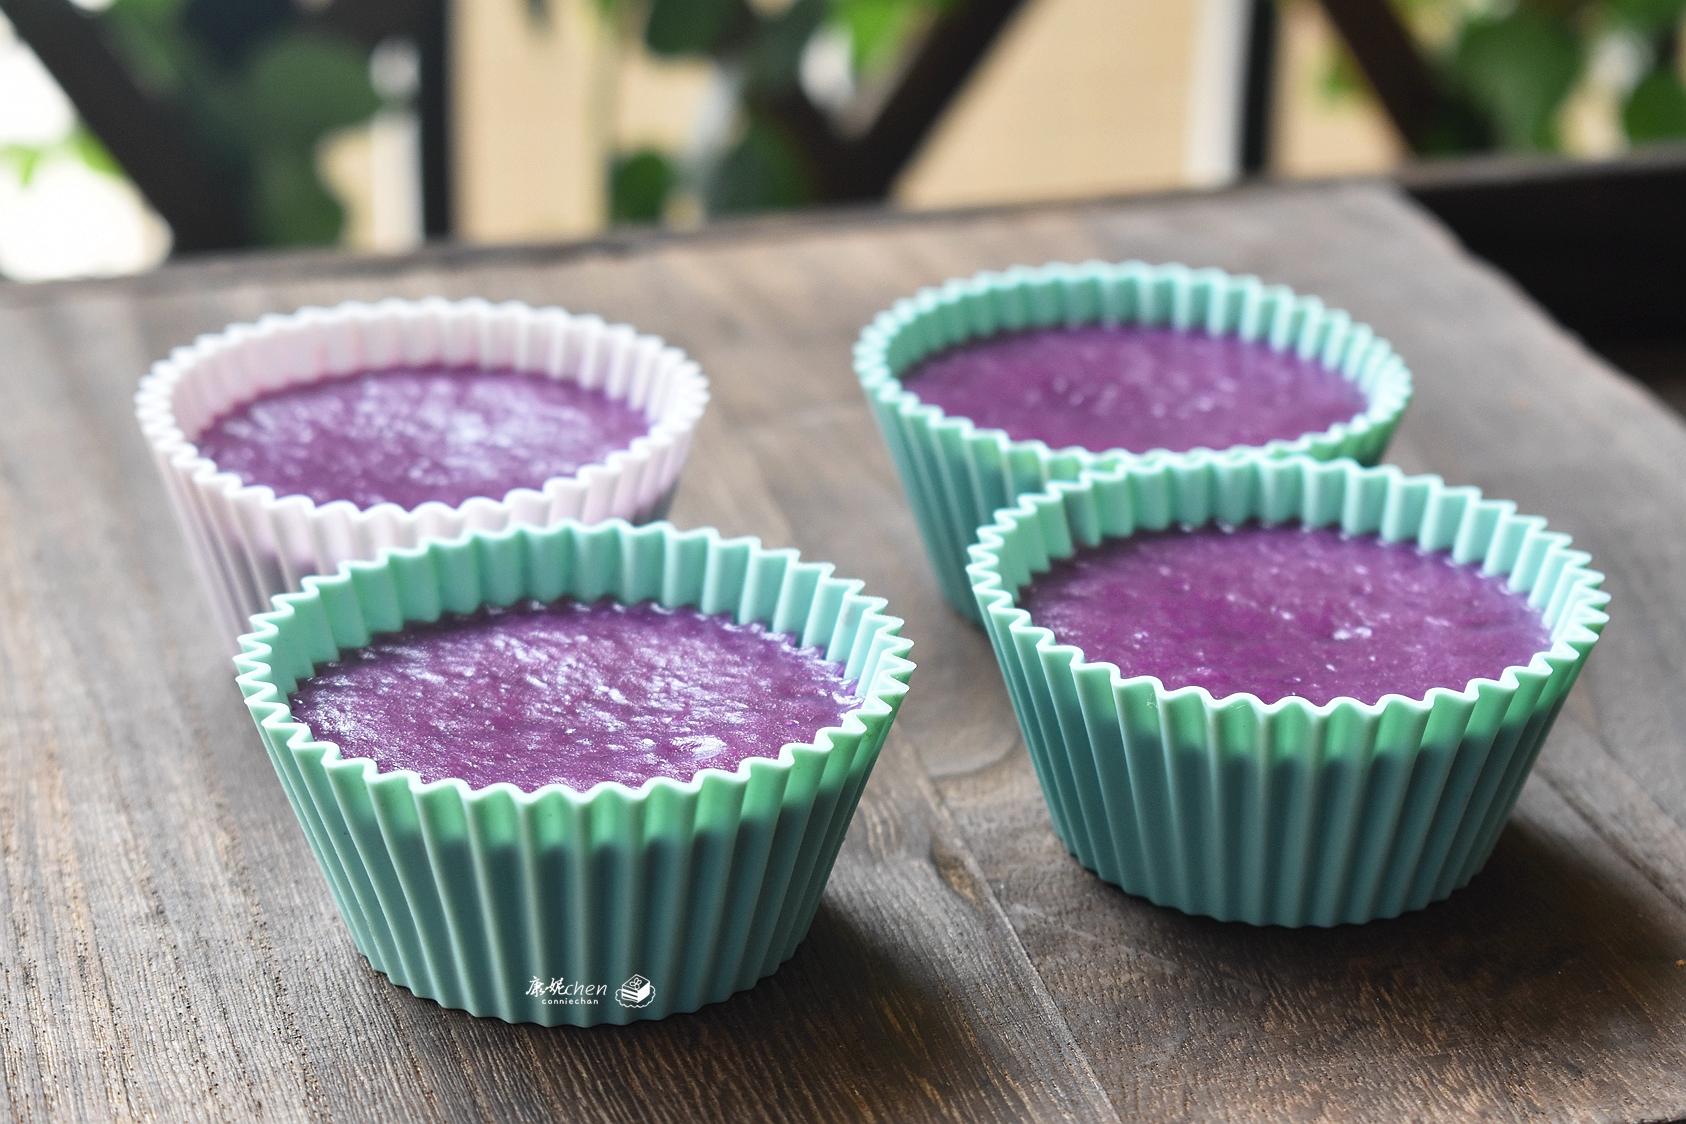 這糕點好看又好吃,攪拌幾下蒸一蒸,香甜軟糯,比蛋糕簡單